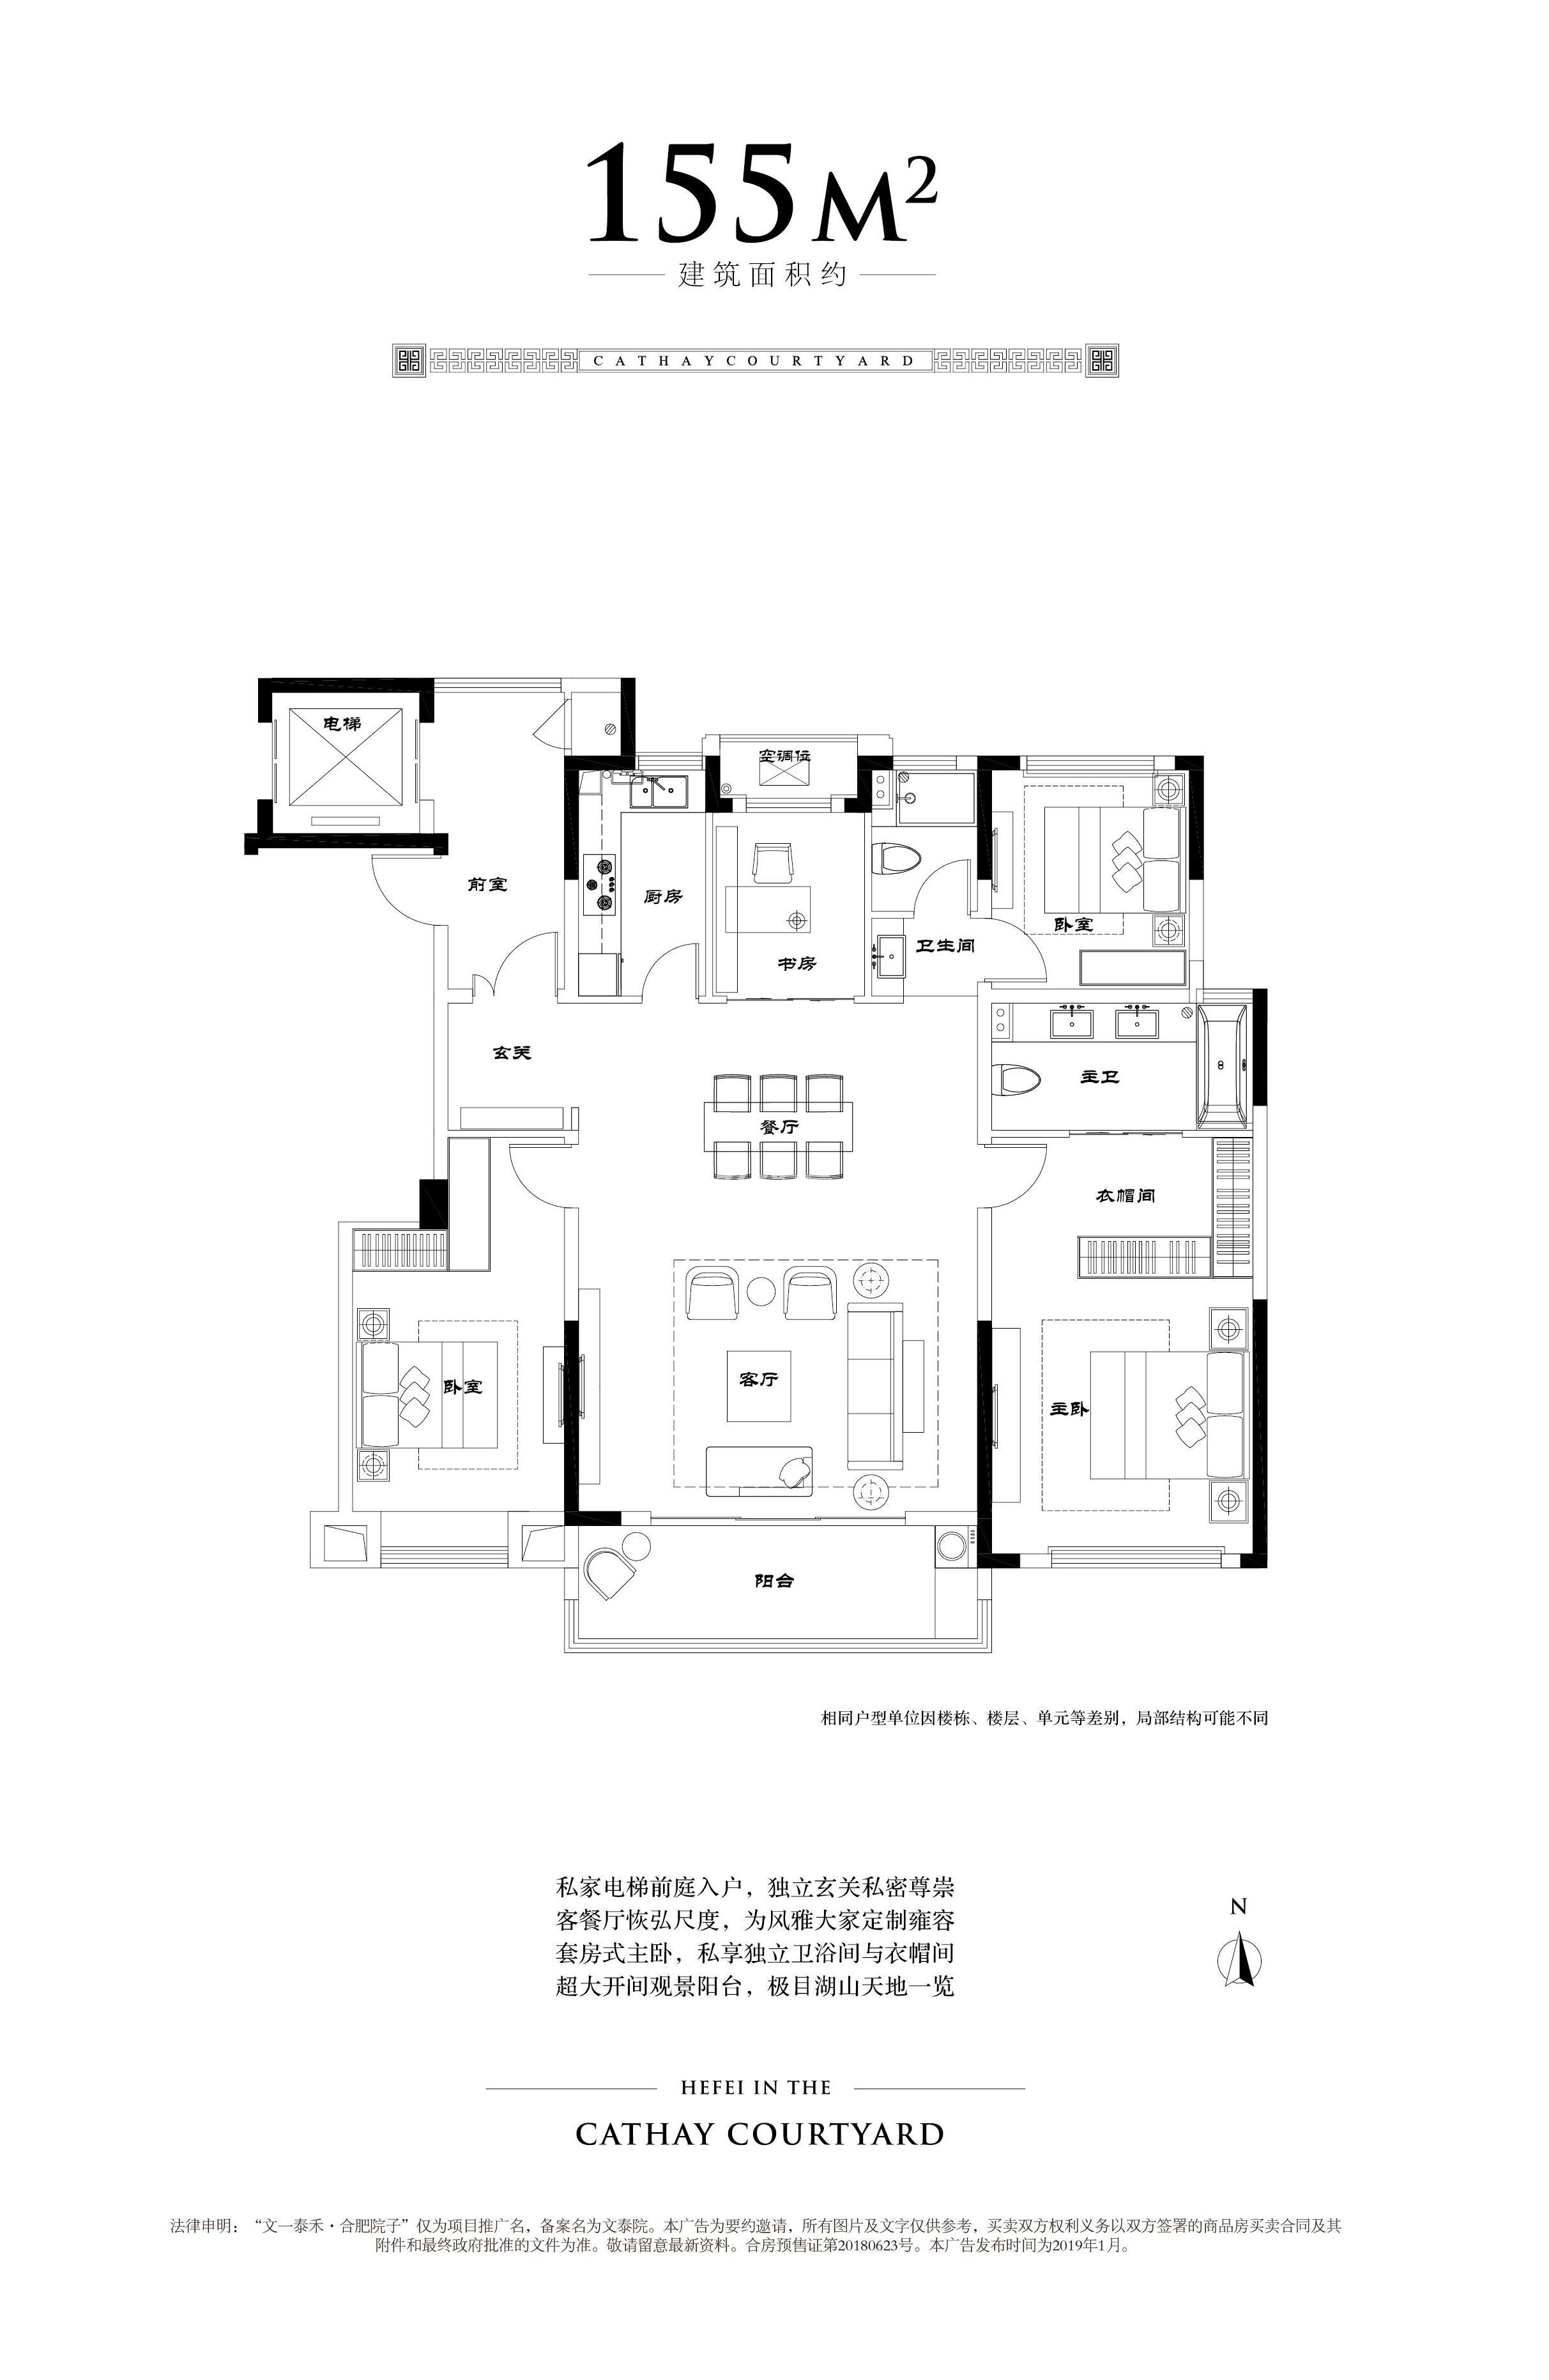 文一泰禾合肥院子桃园行洋房、小高层155㎡户型标准层户型图